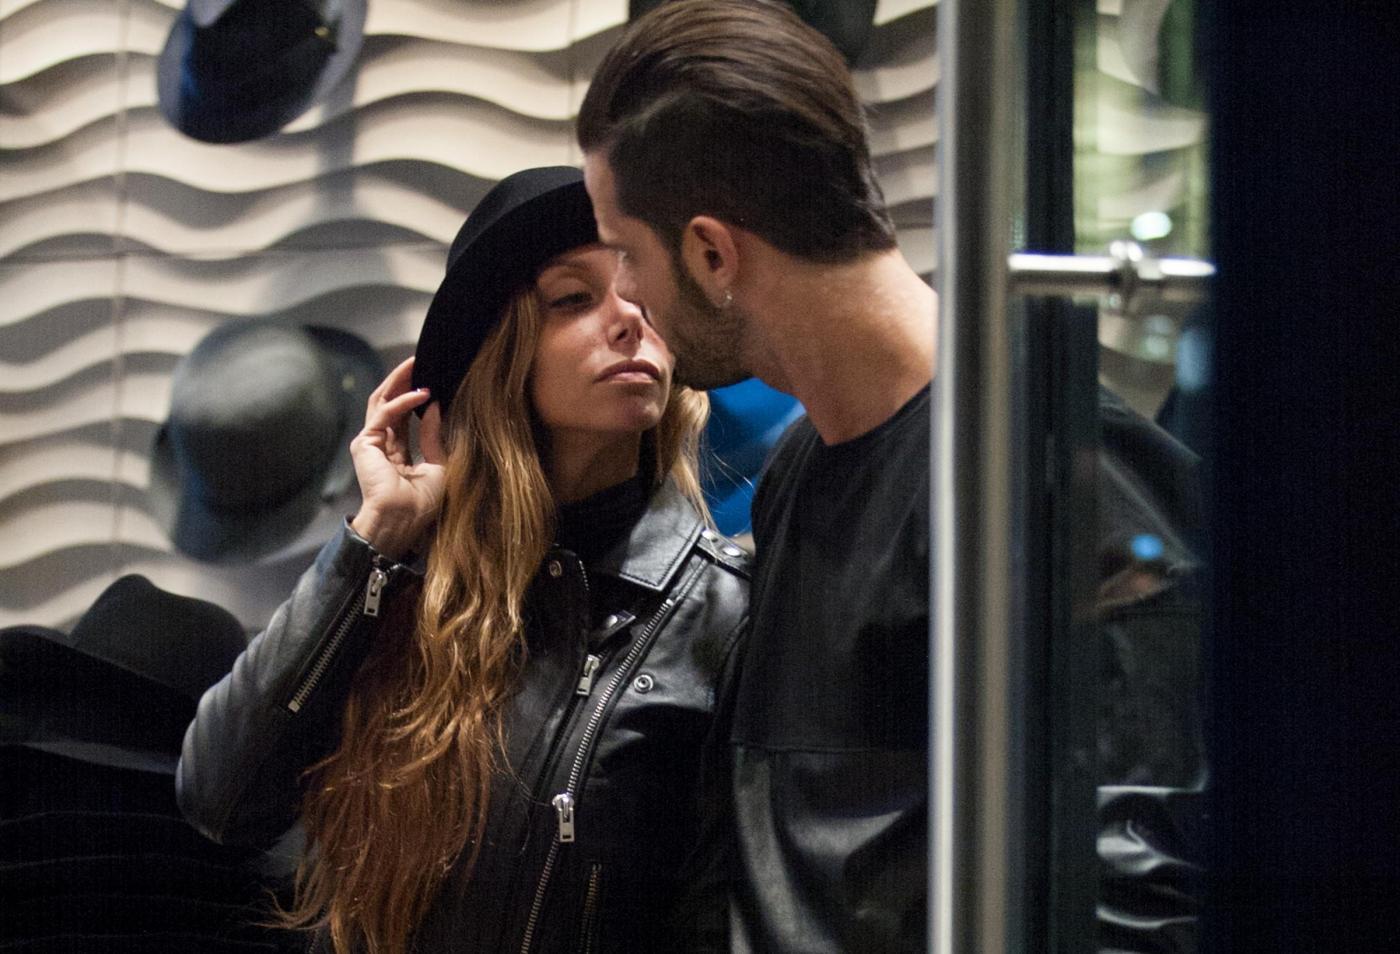 Alessio Lopasso e Roberta Bonfanti travolti dalla passione durante lo shopping04